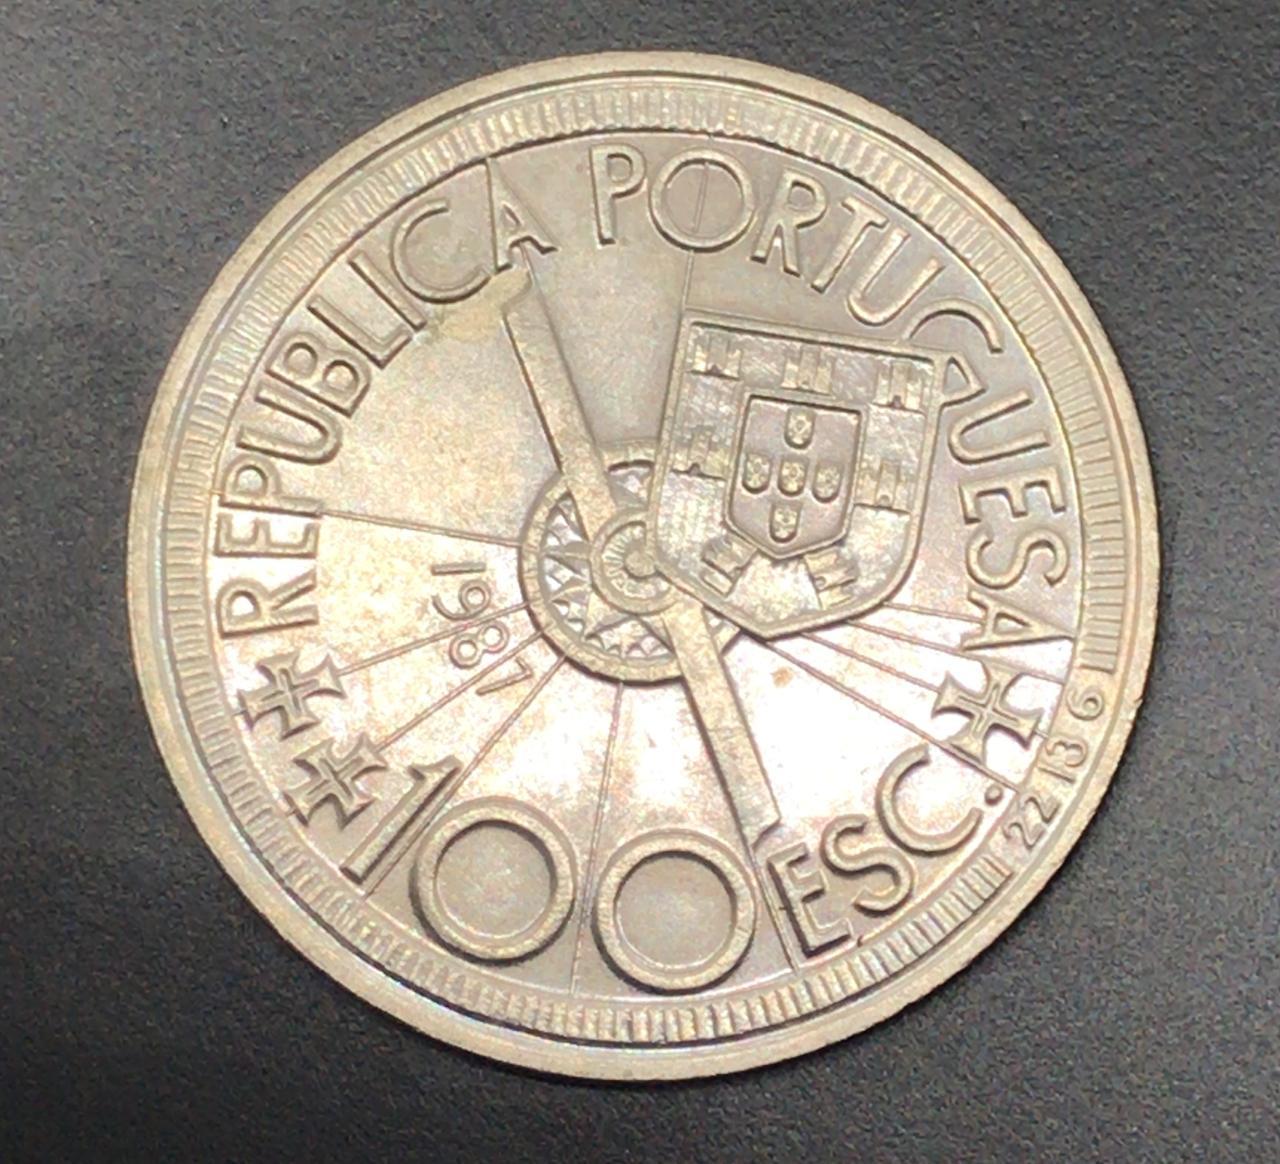 Moeda de Portugal Diogo Cão 100 Escudos 1987 SOB